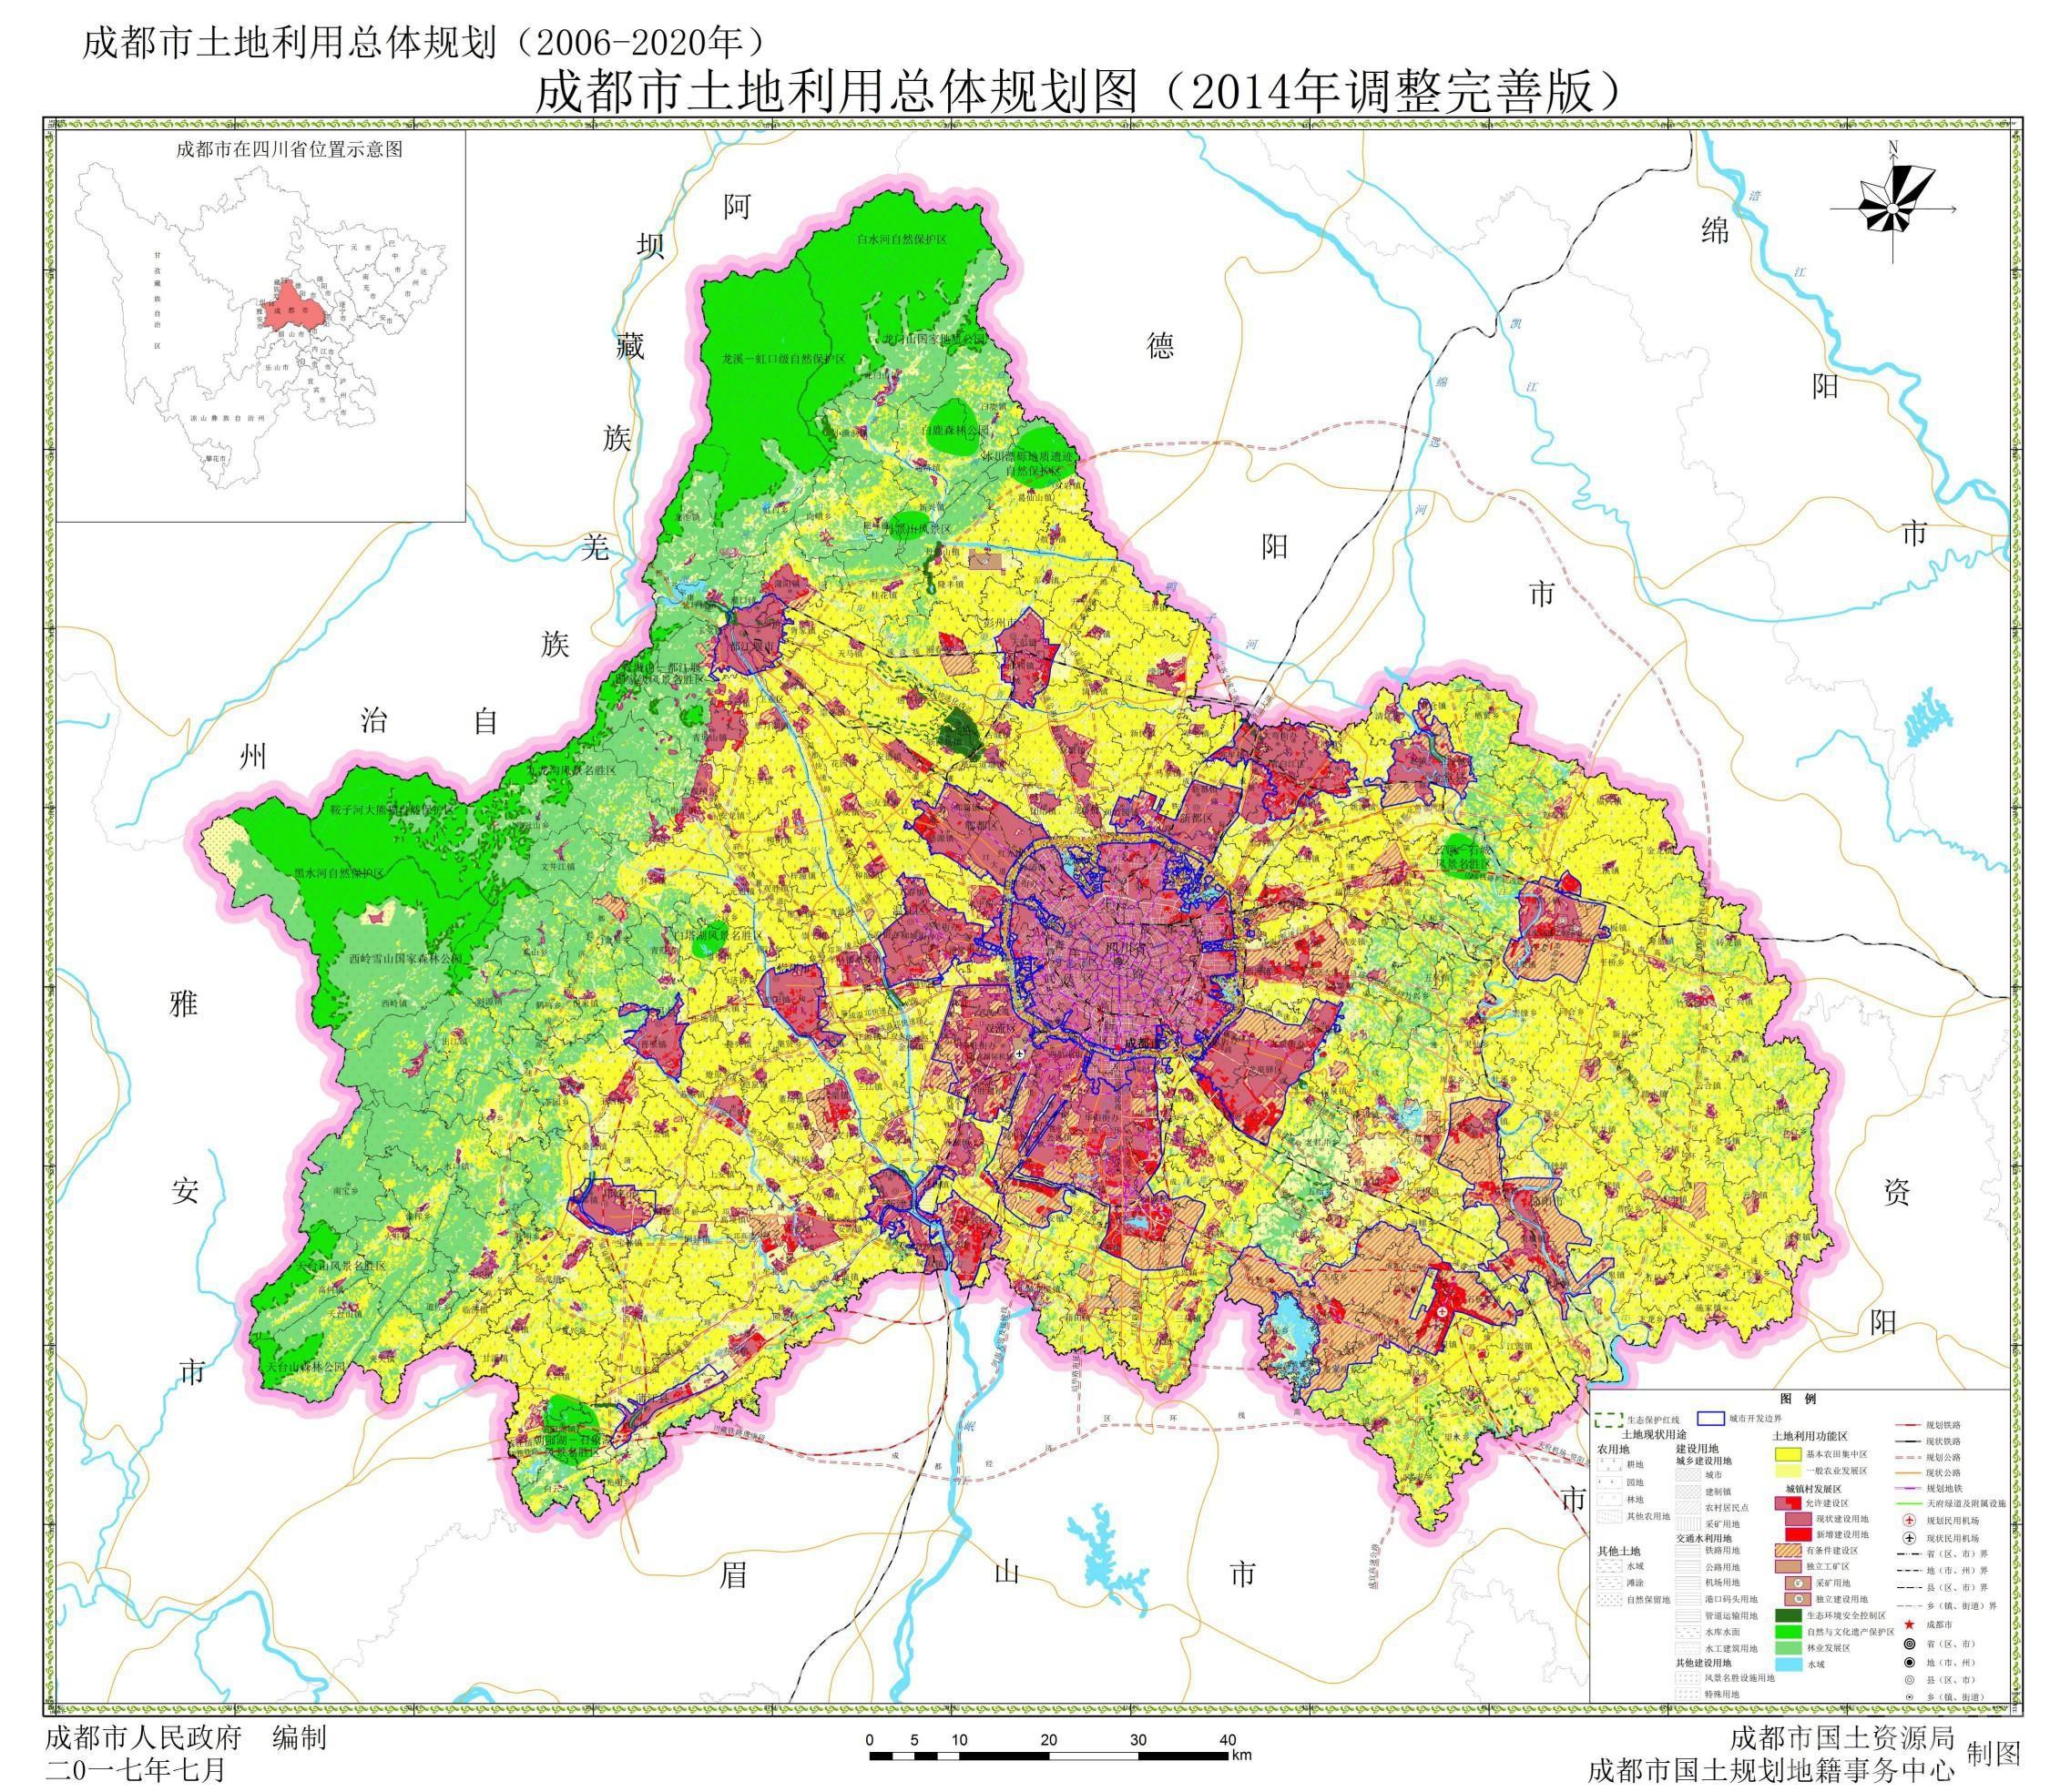 成都市土地利用总体规划图(2014年调整完善版).jpg